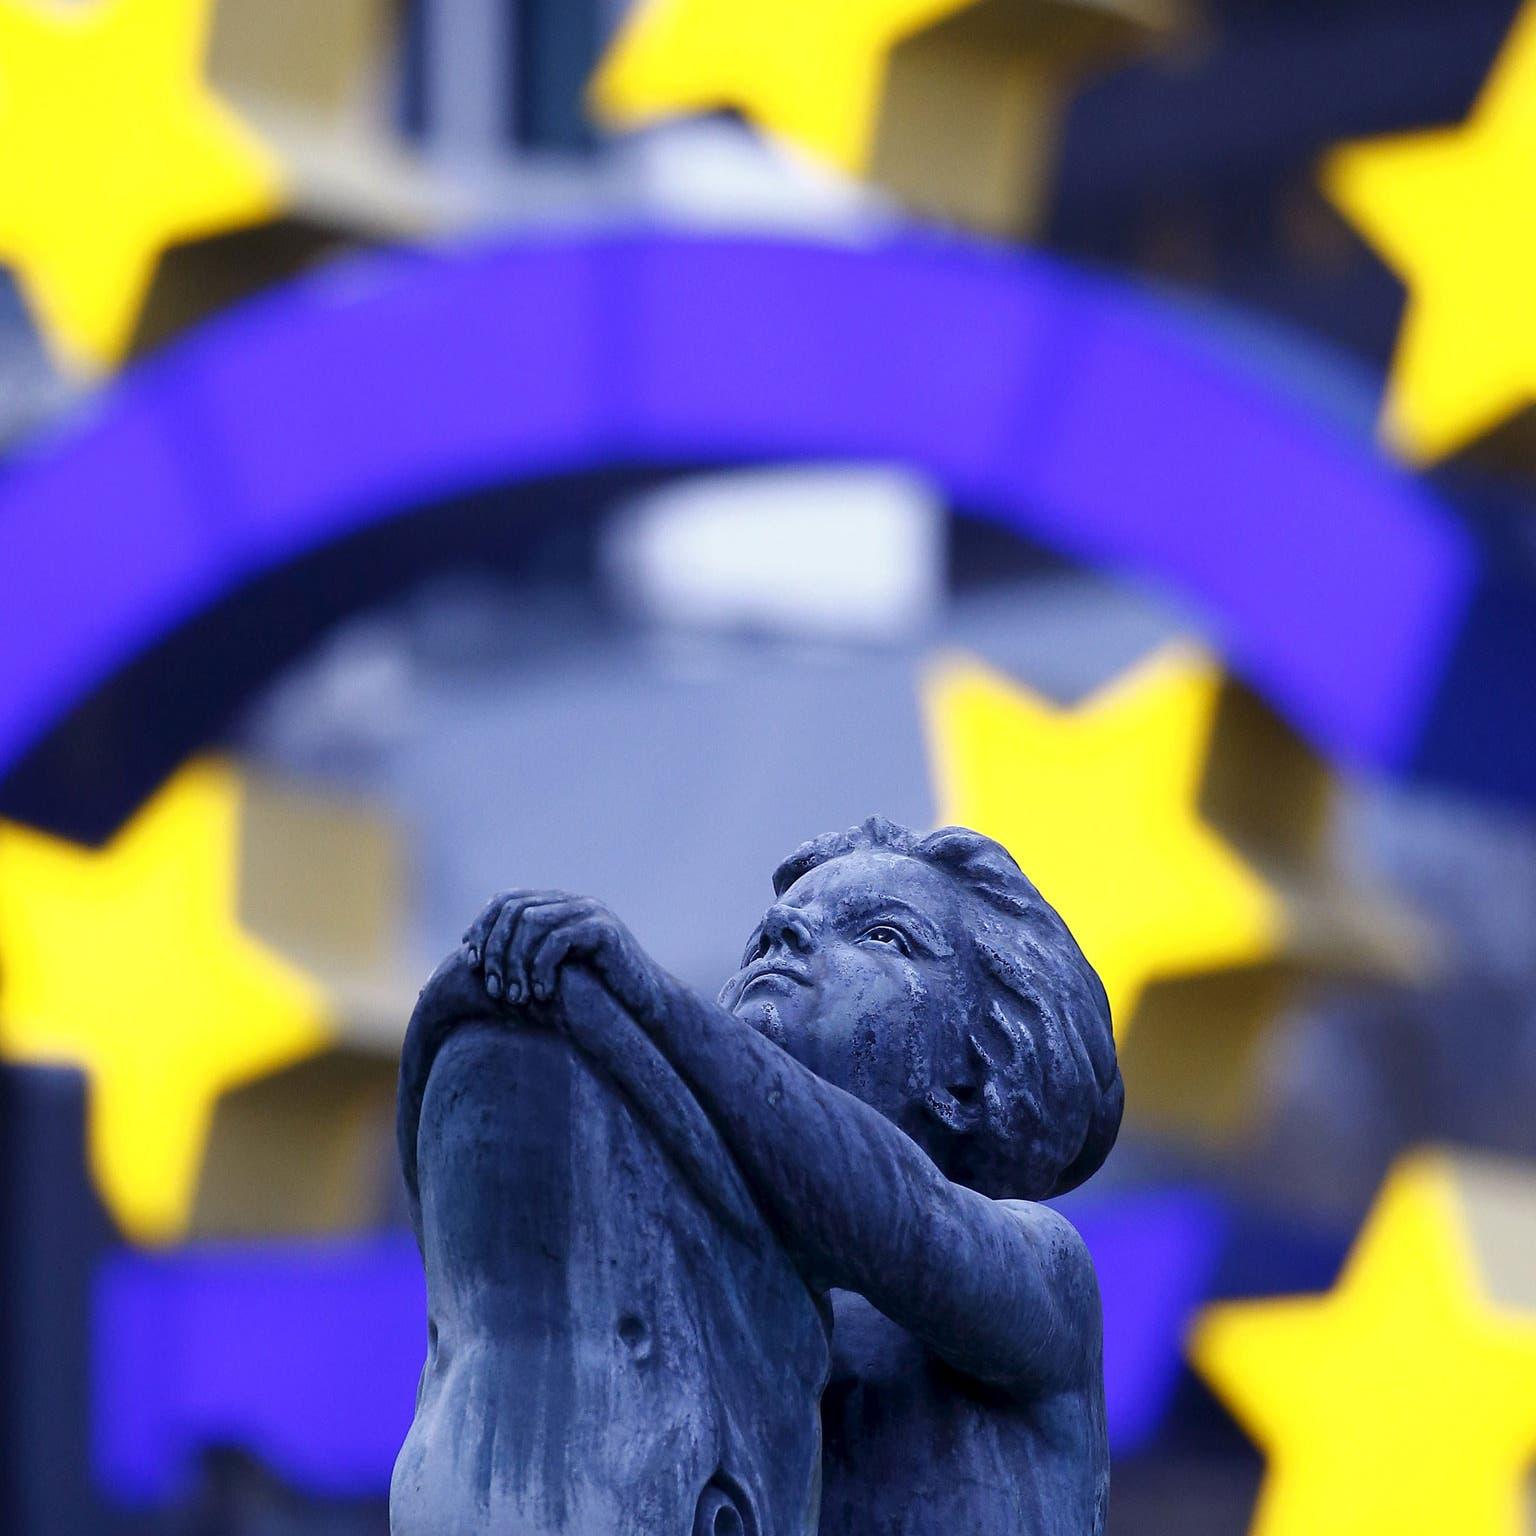 بخلاف التوقعات.. التضخم الأوروبي يصعد 0.3%